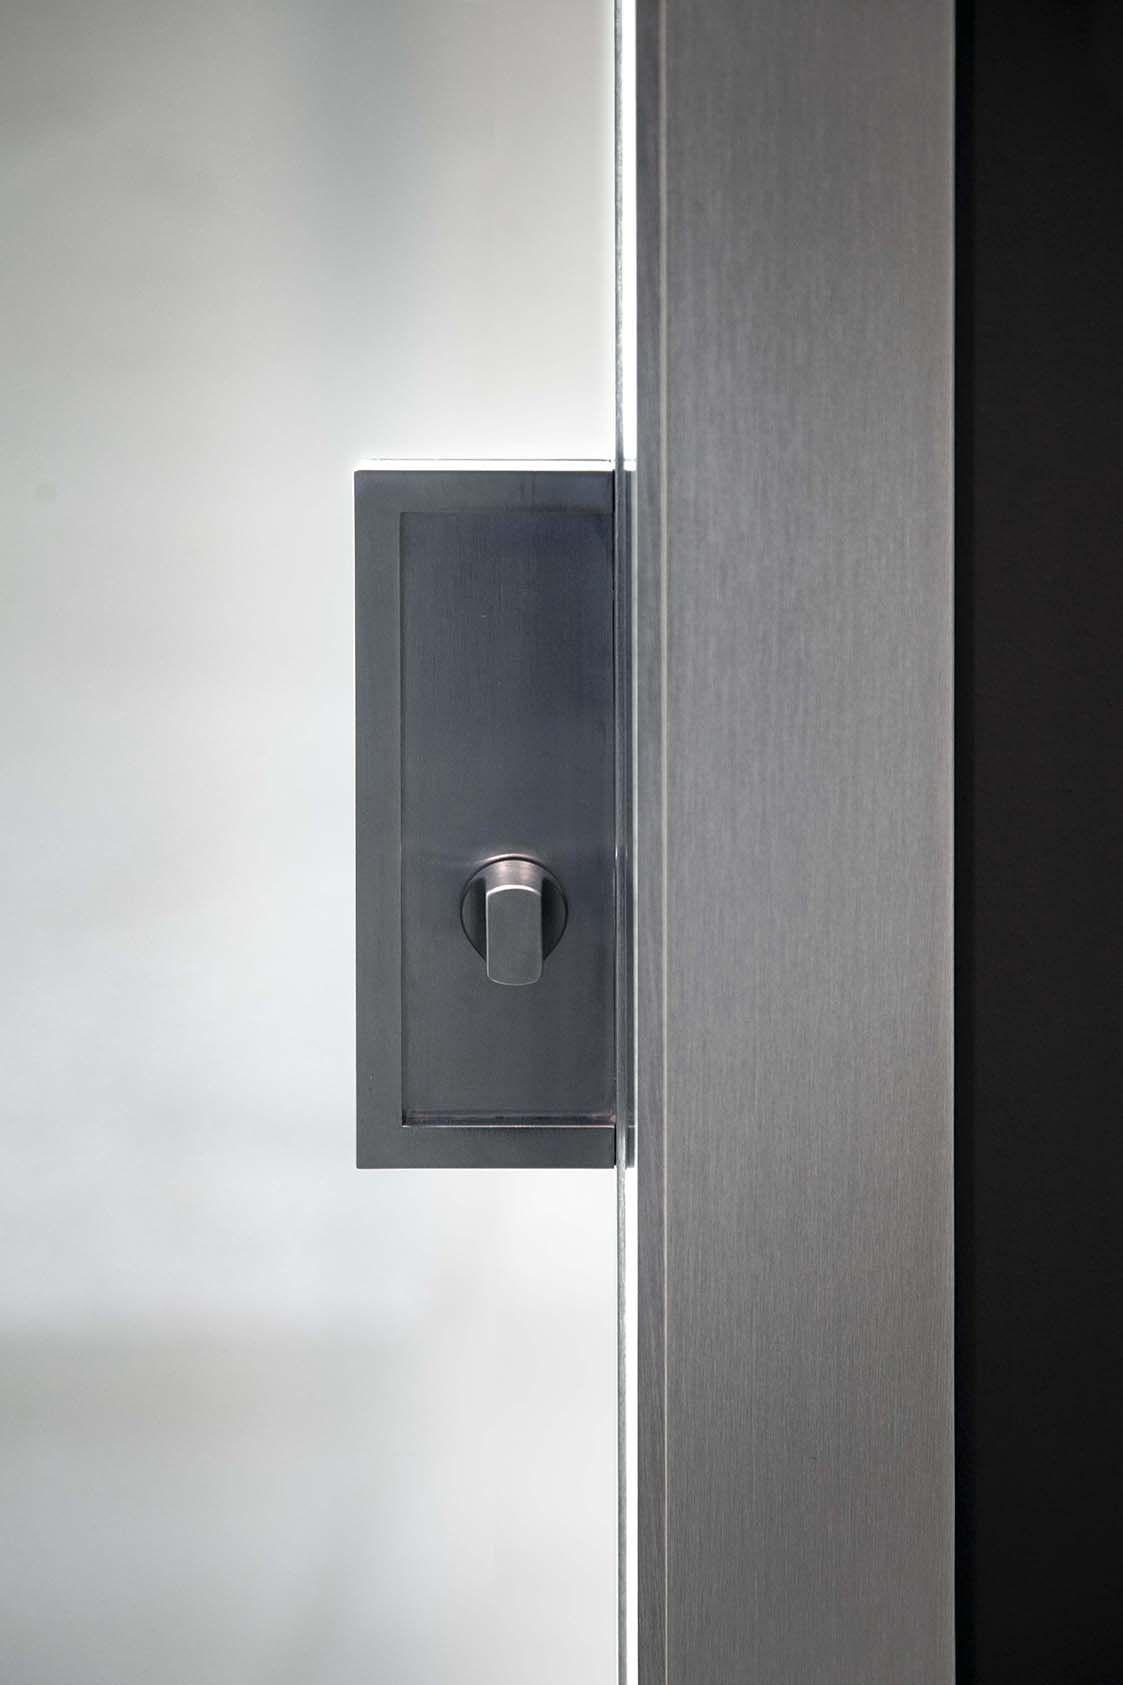 Porta Scorrevole 4 Ante.Ante Scorrevoli In Vetro A 1 2 O 4 Ante Mdb Portas Dettaglio Porta